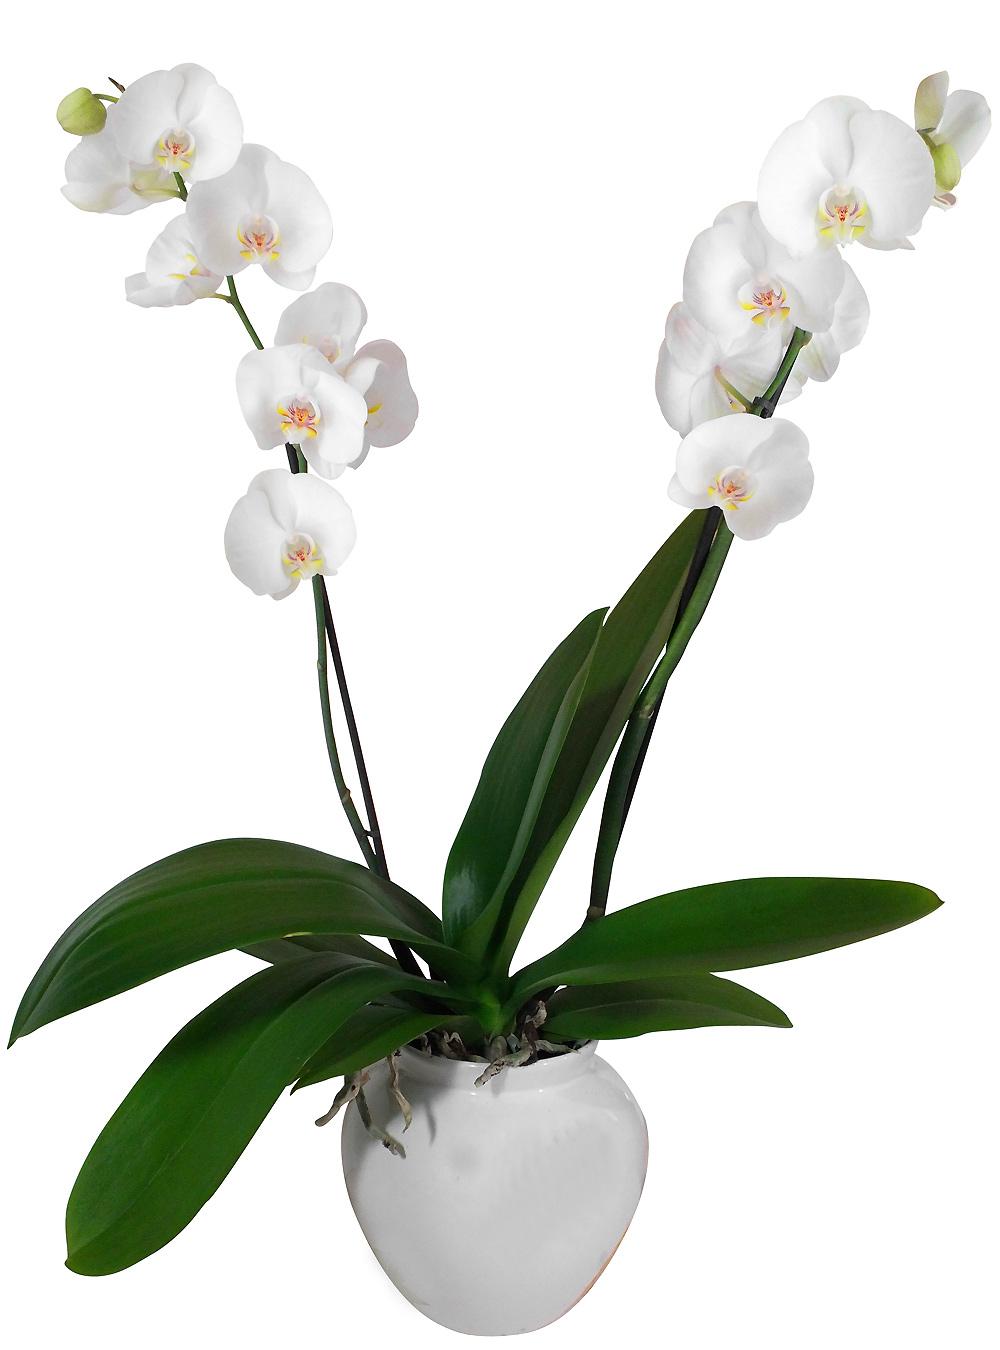 Orchidee Blanche Entretien Vap Vap